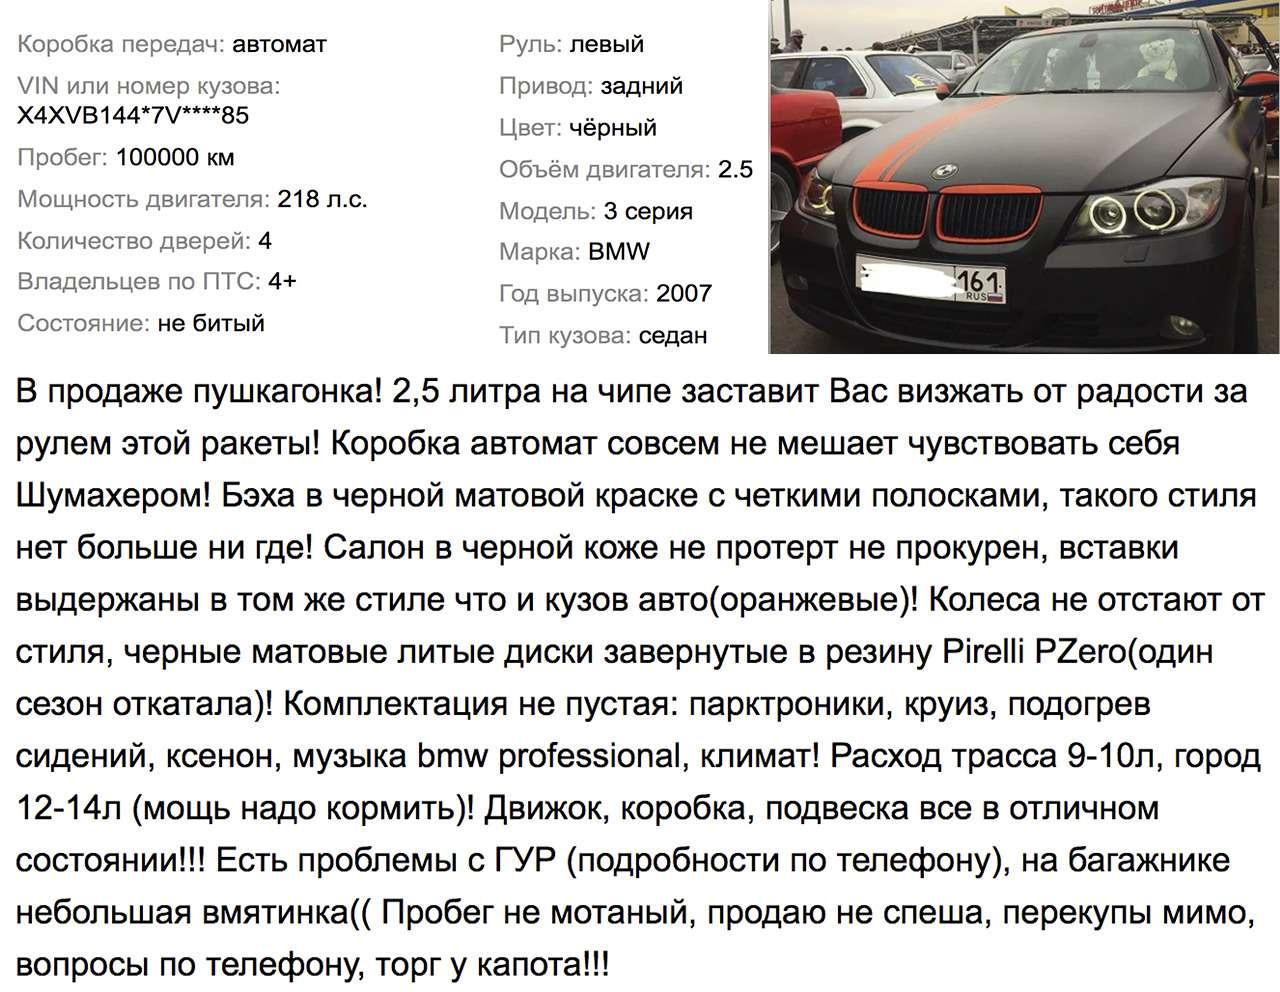 12способов продать автомобиль спомощью смешного описания— фото 931794